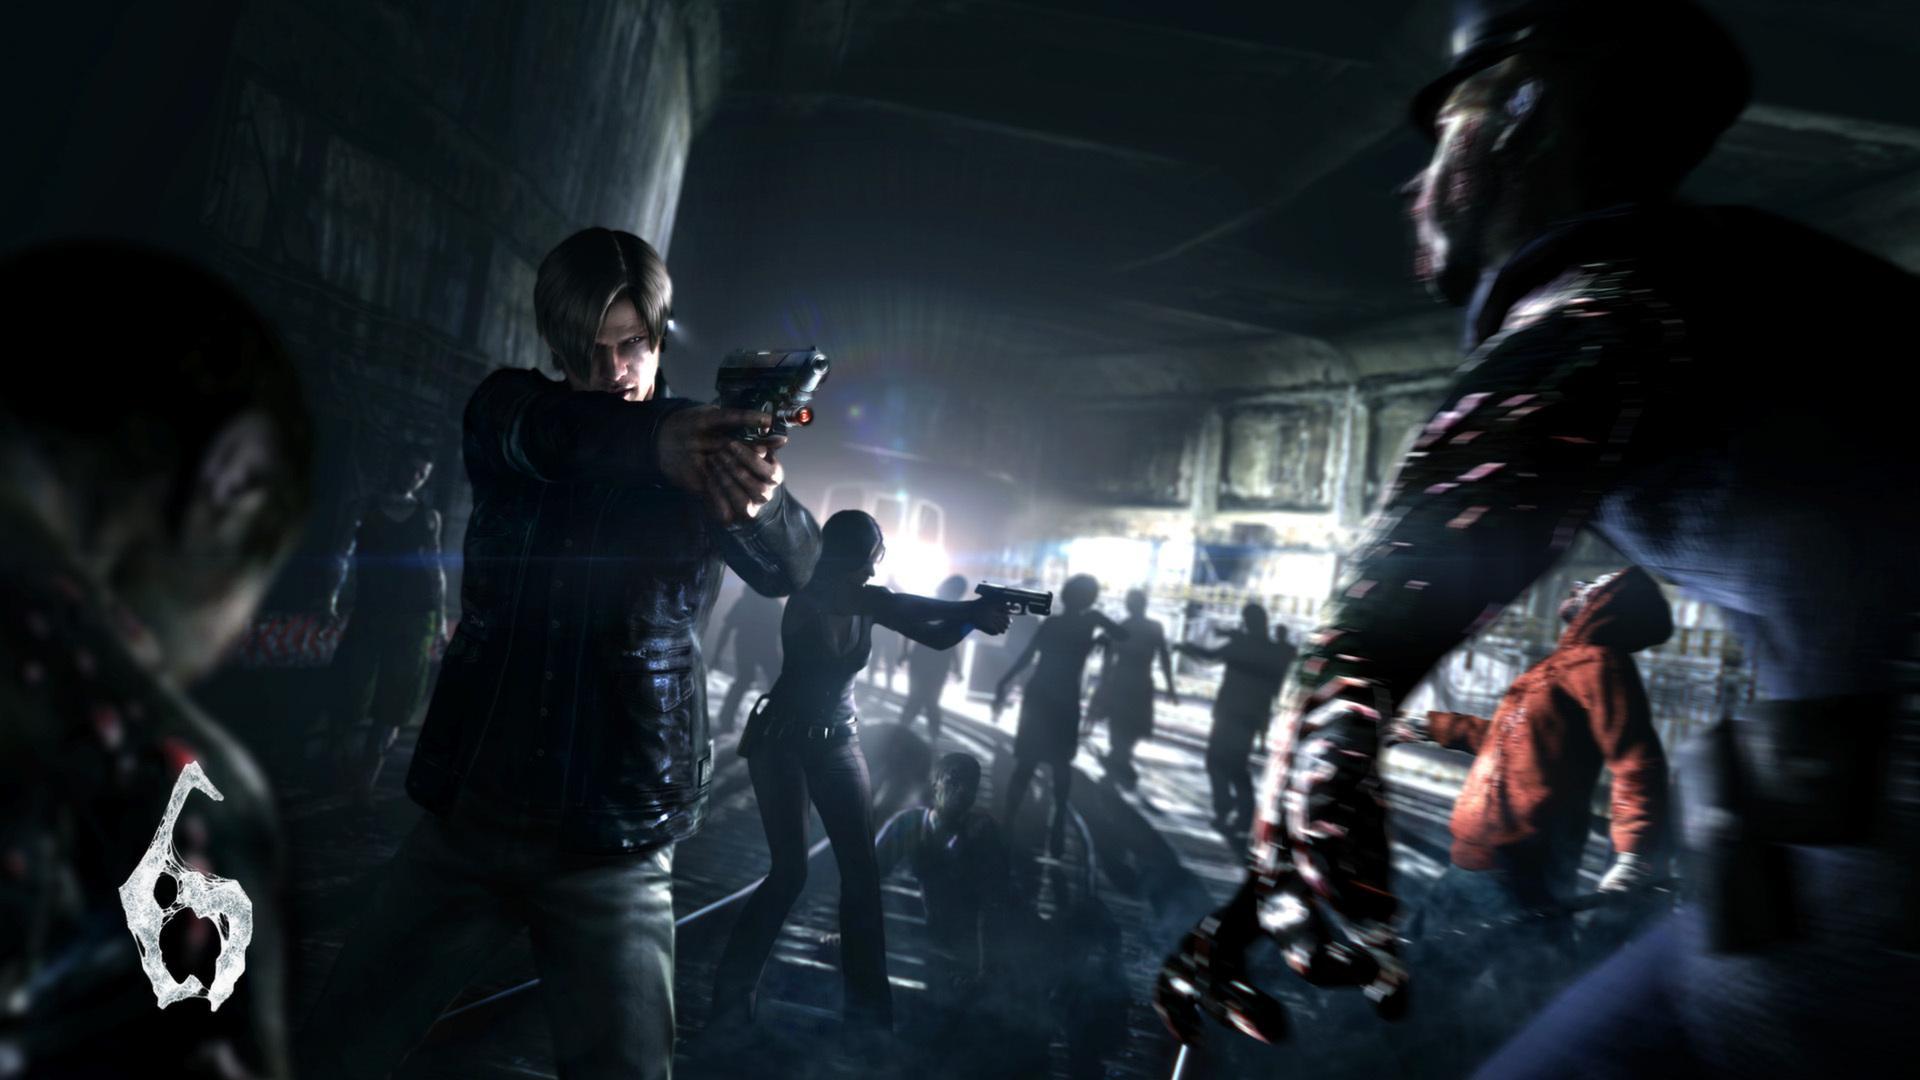 ¿Resident Evil 7 a la vista?